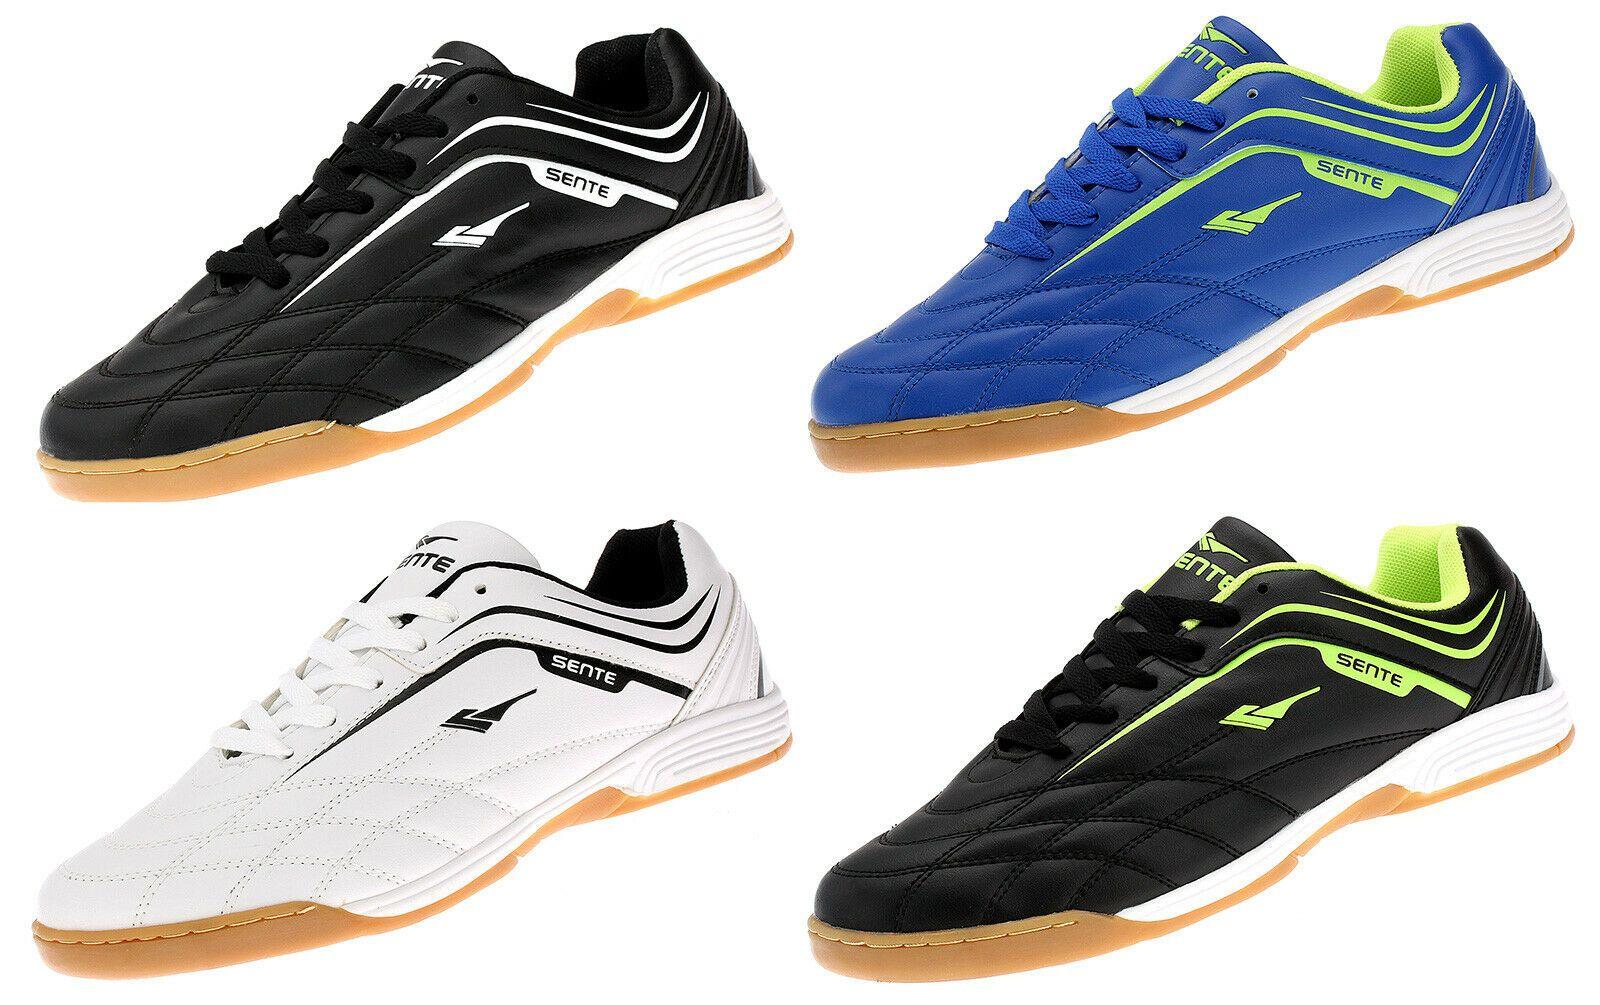 Hallenschuhe Turnschuhe Indoor Schuhe Sportschuhe Schwarz